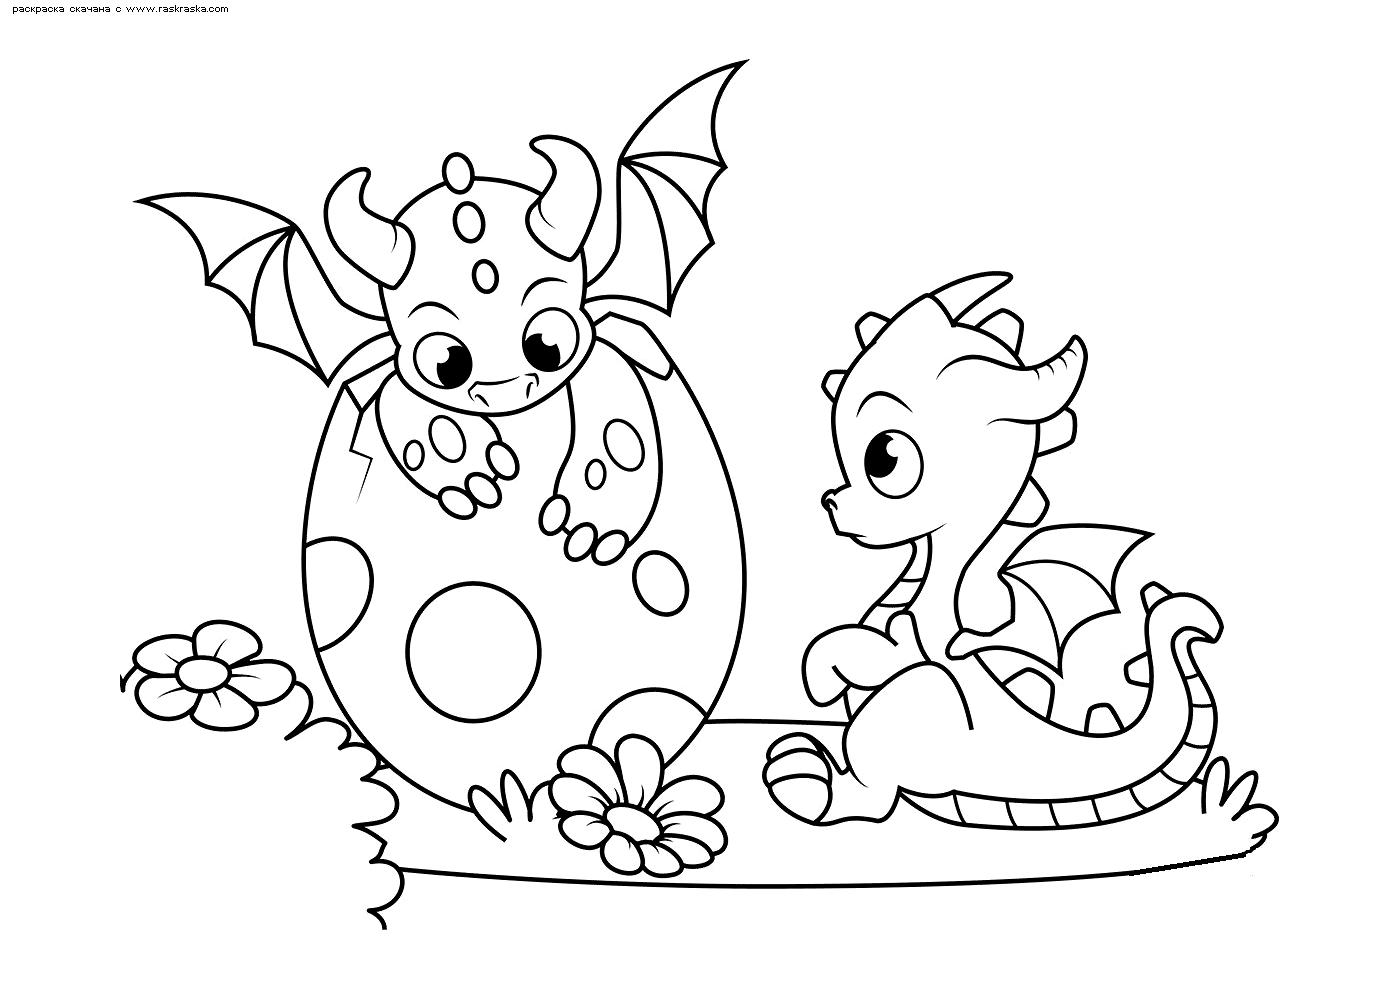 Раскраска Маленькие дракончики | Раскраски с дракончиками ...